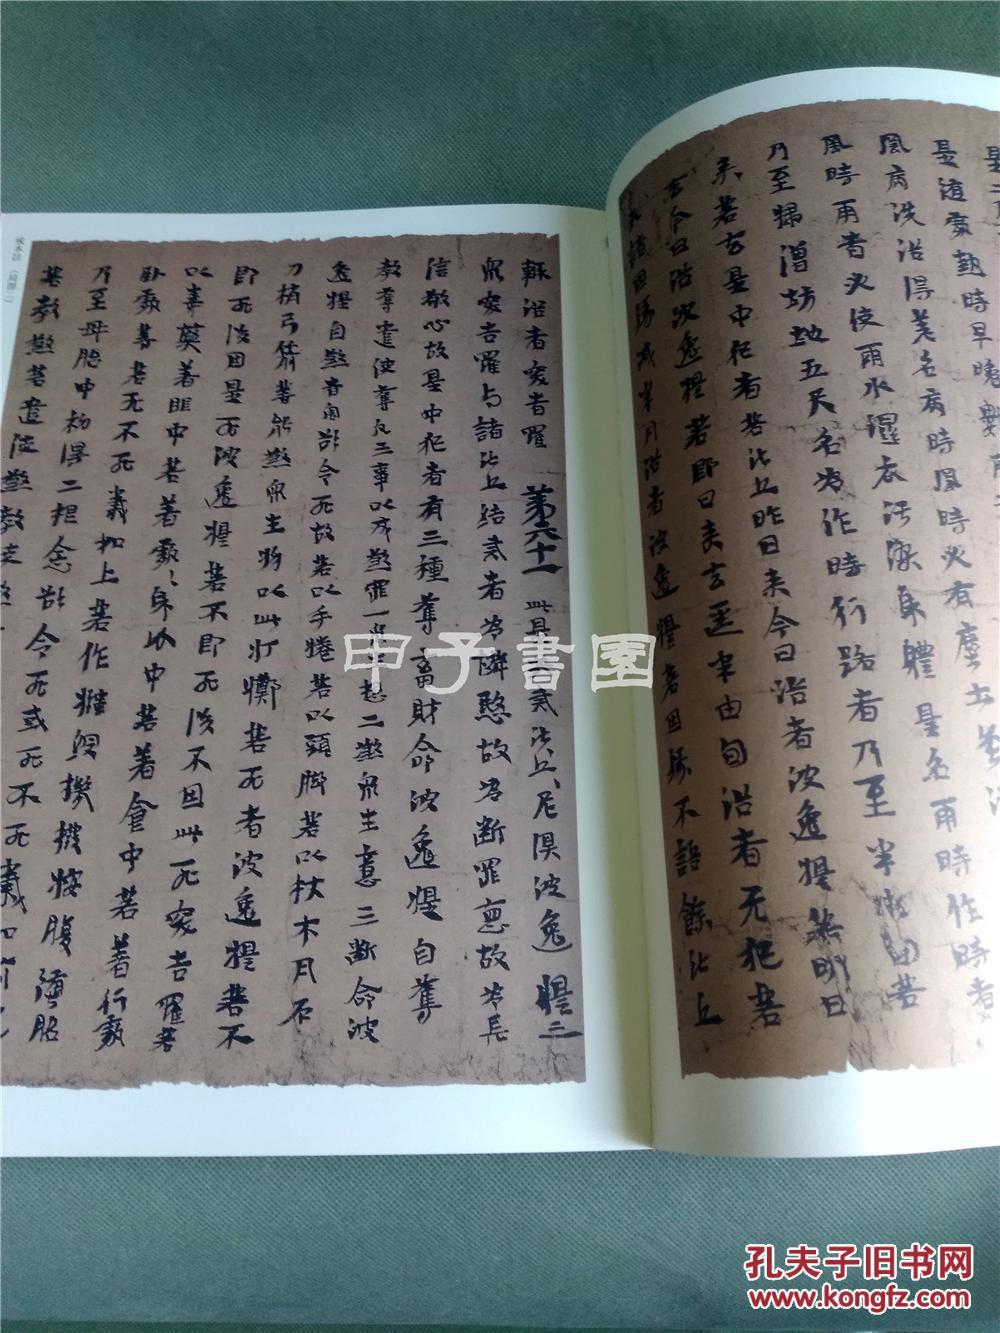 【正版】 东瀛藏中国古代写经写本集粹(1-6册全) 一版